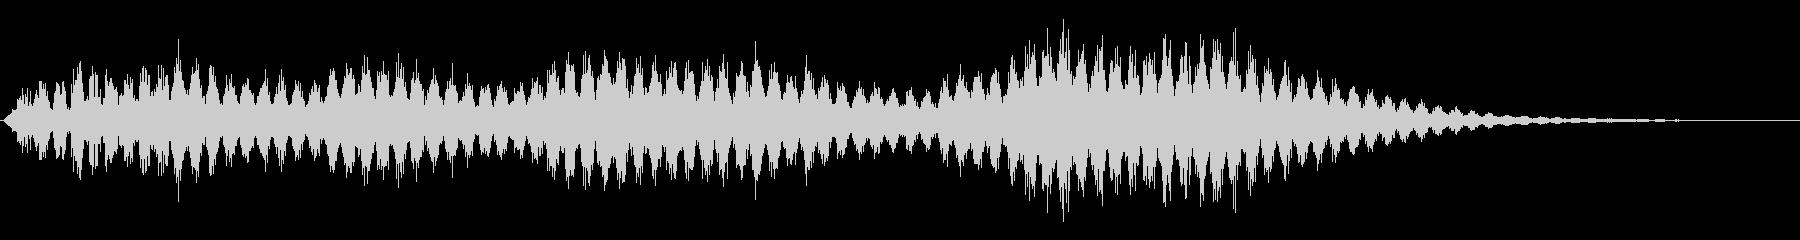 バイブラフォン:夢、長いの未再生の波形